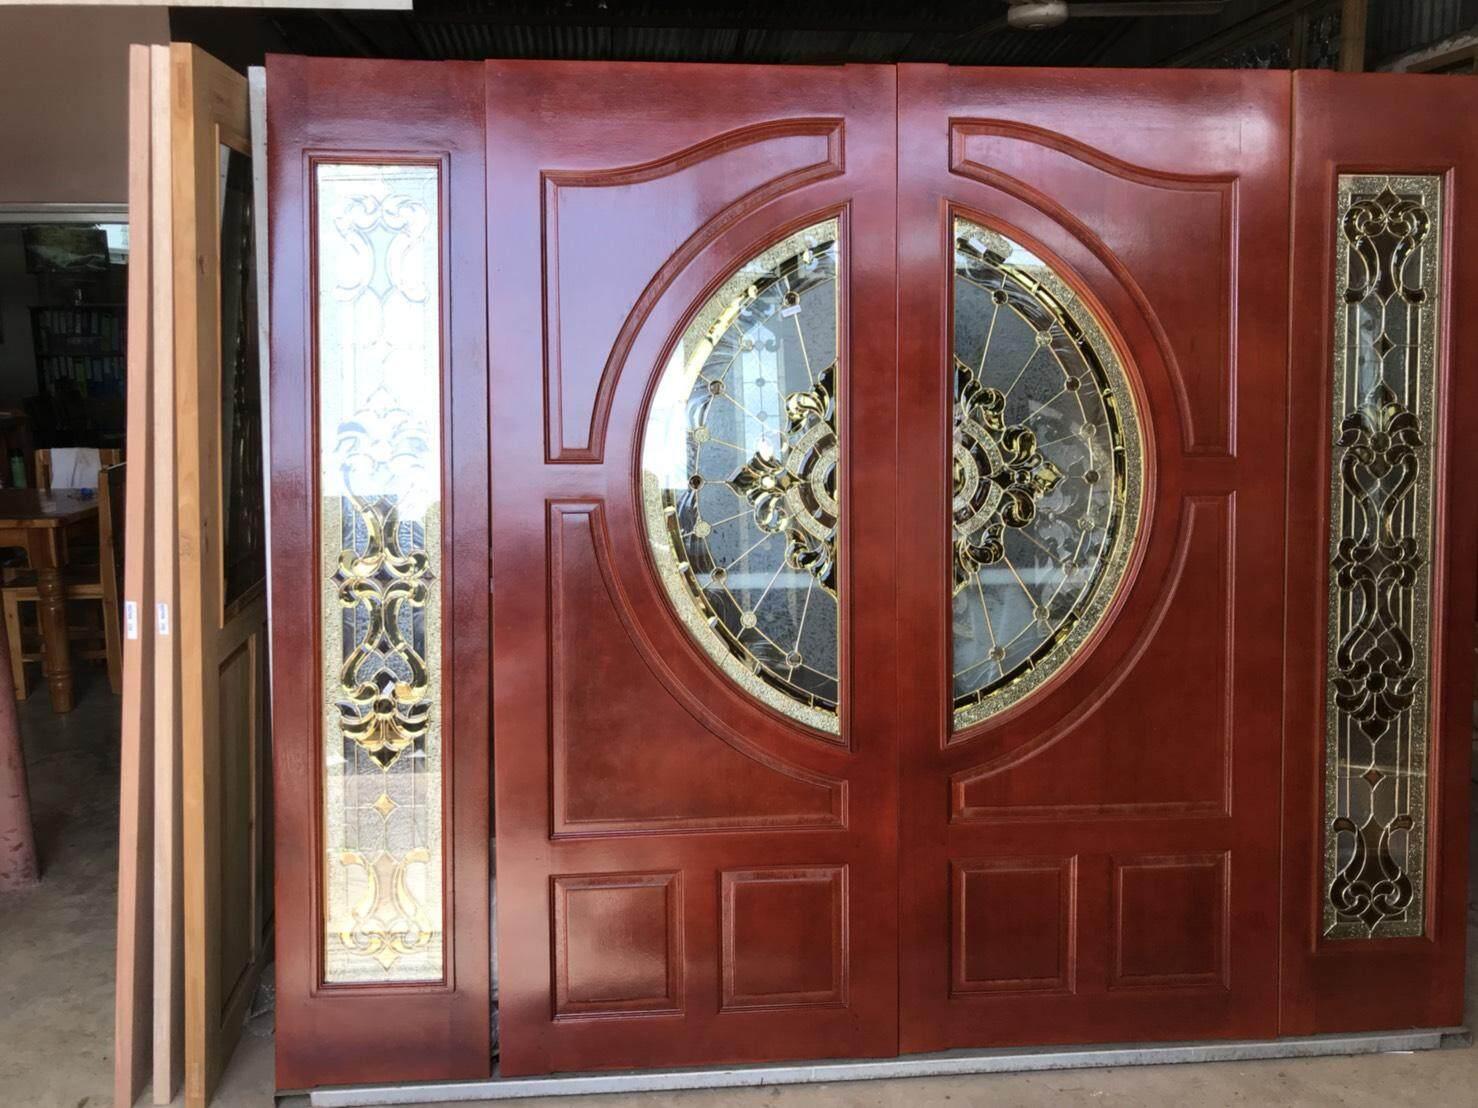 ประตูไม้สยาแดง  ใส่กระจกสีทอง  และช่องแสงข้าง  พร้อมทำสี  และวงกบ.